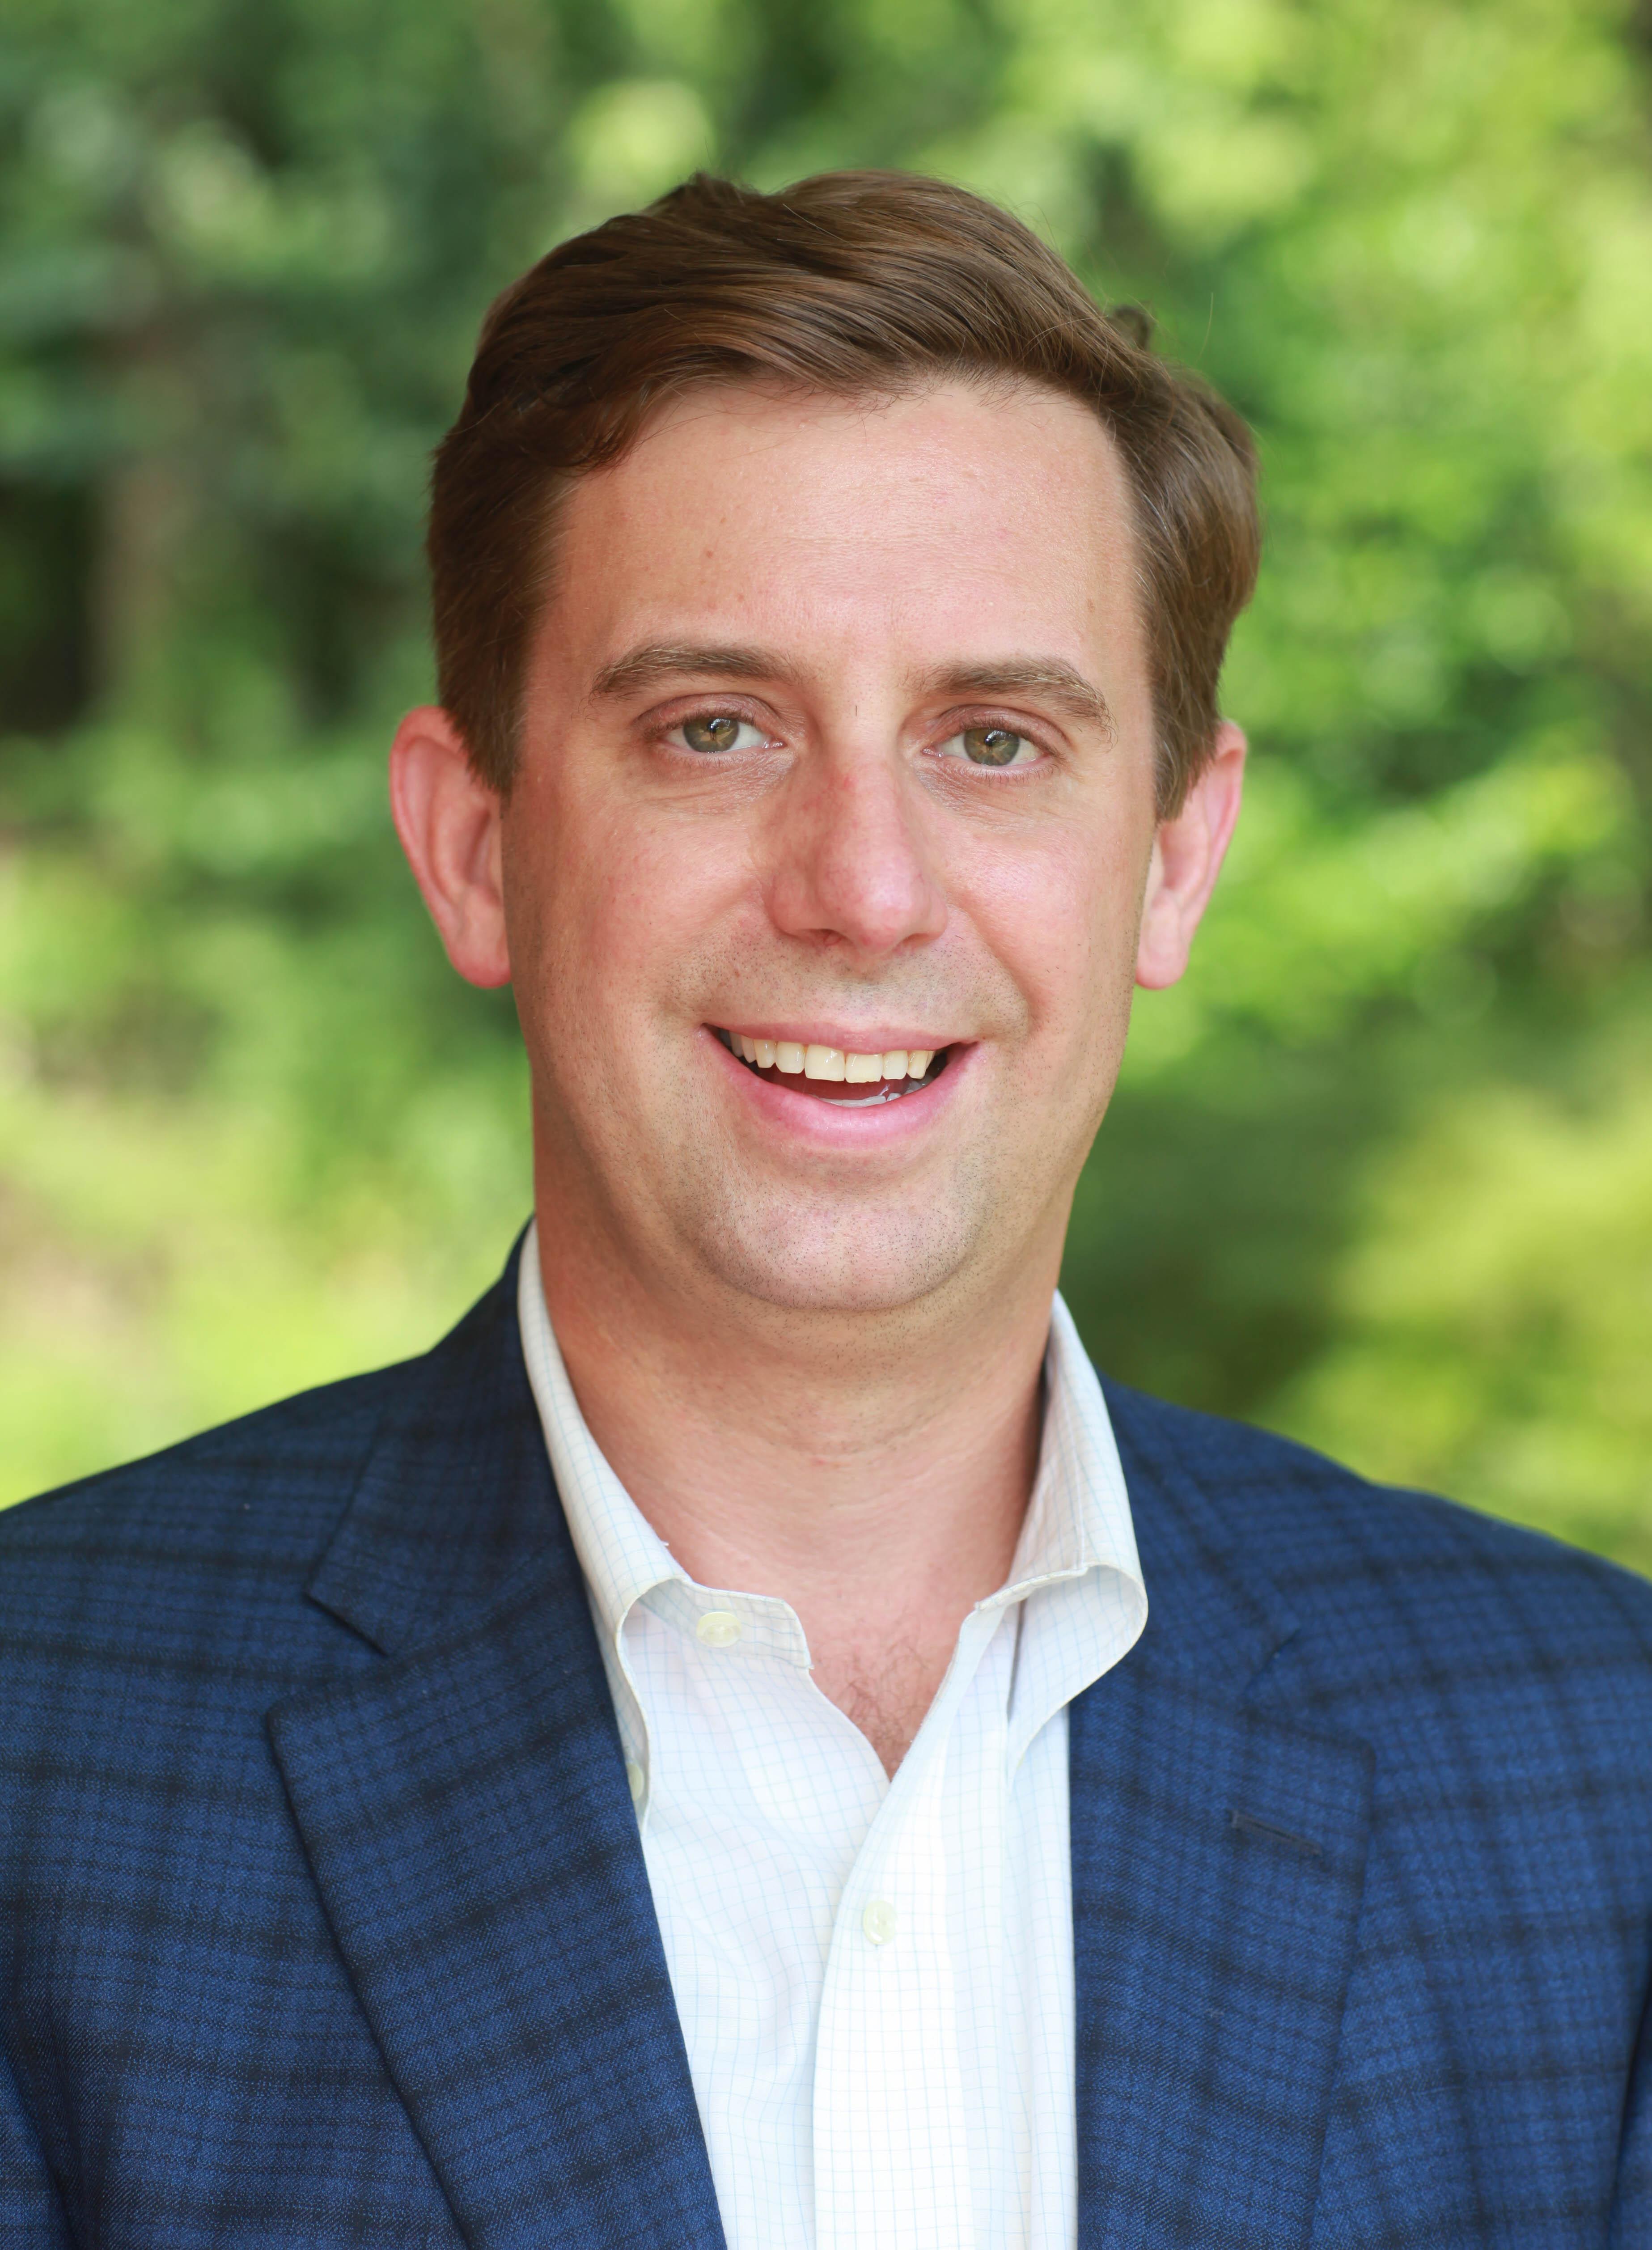 John Clotfelter